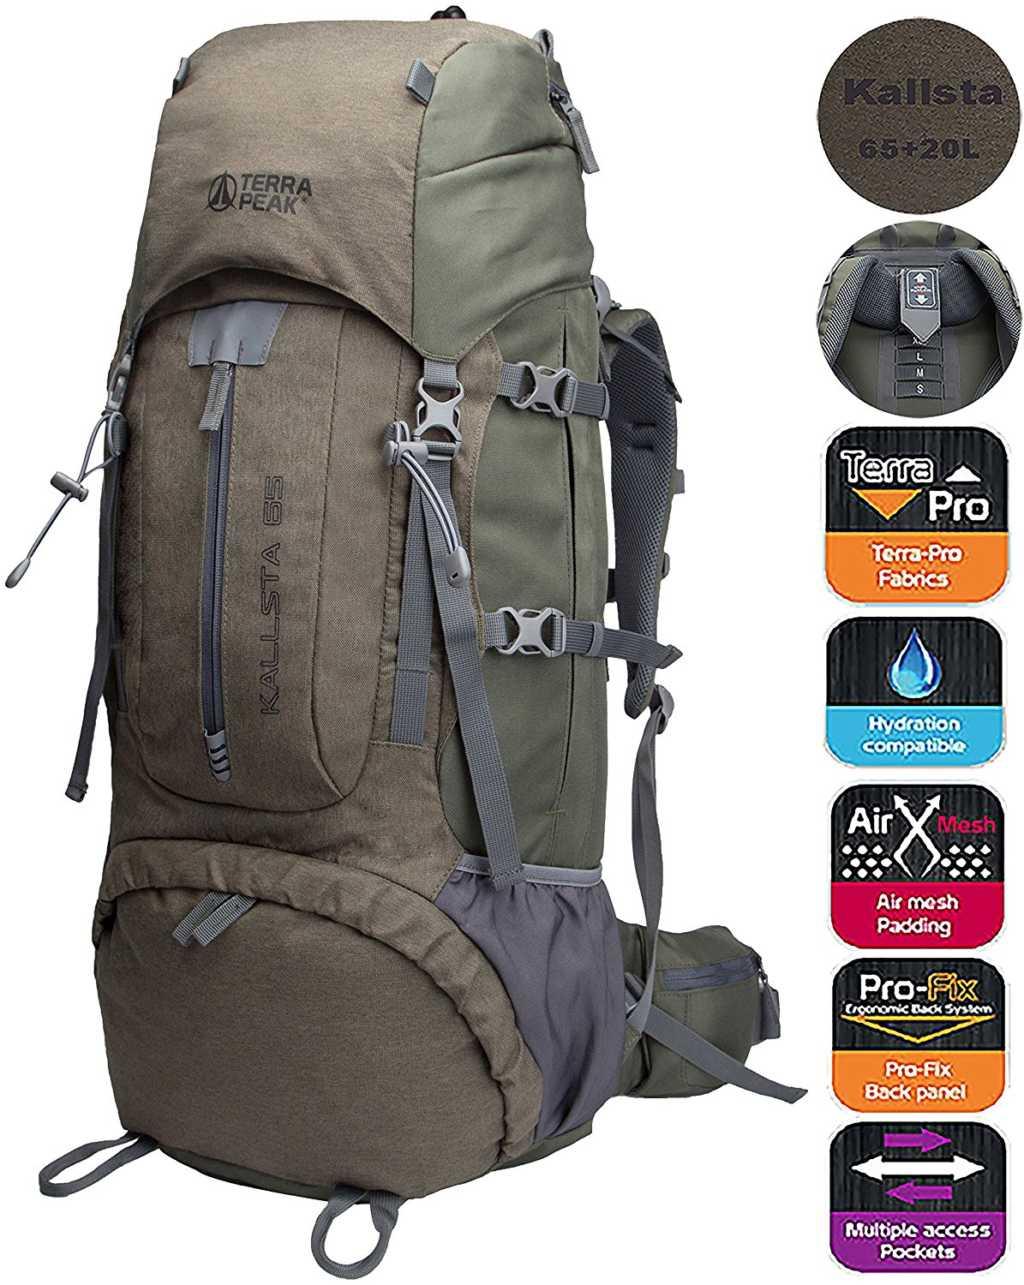 TERRA PEAK Adjustable Hiking Backpack 55L//65L//85L+20L for Men Women